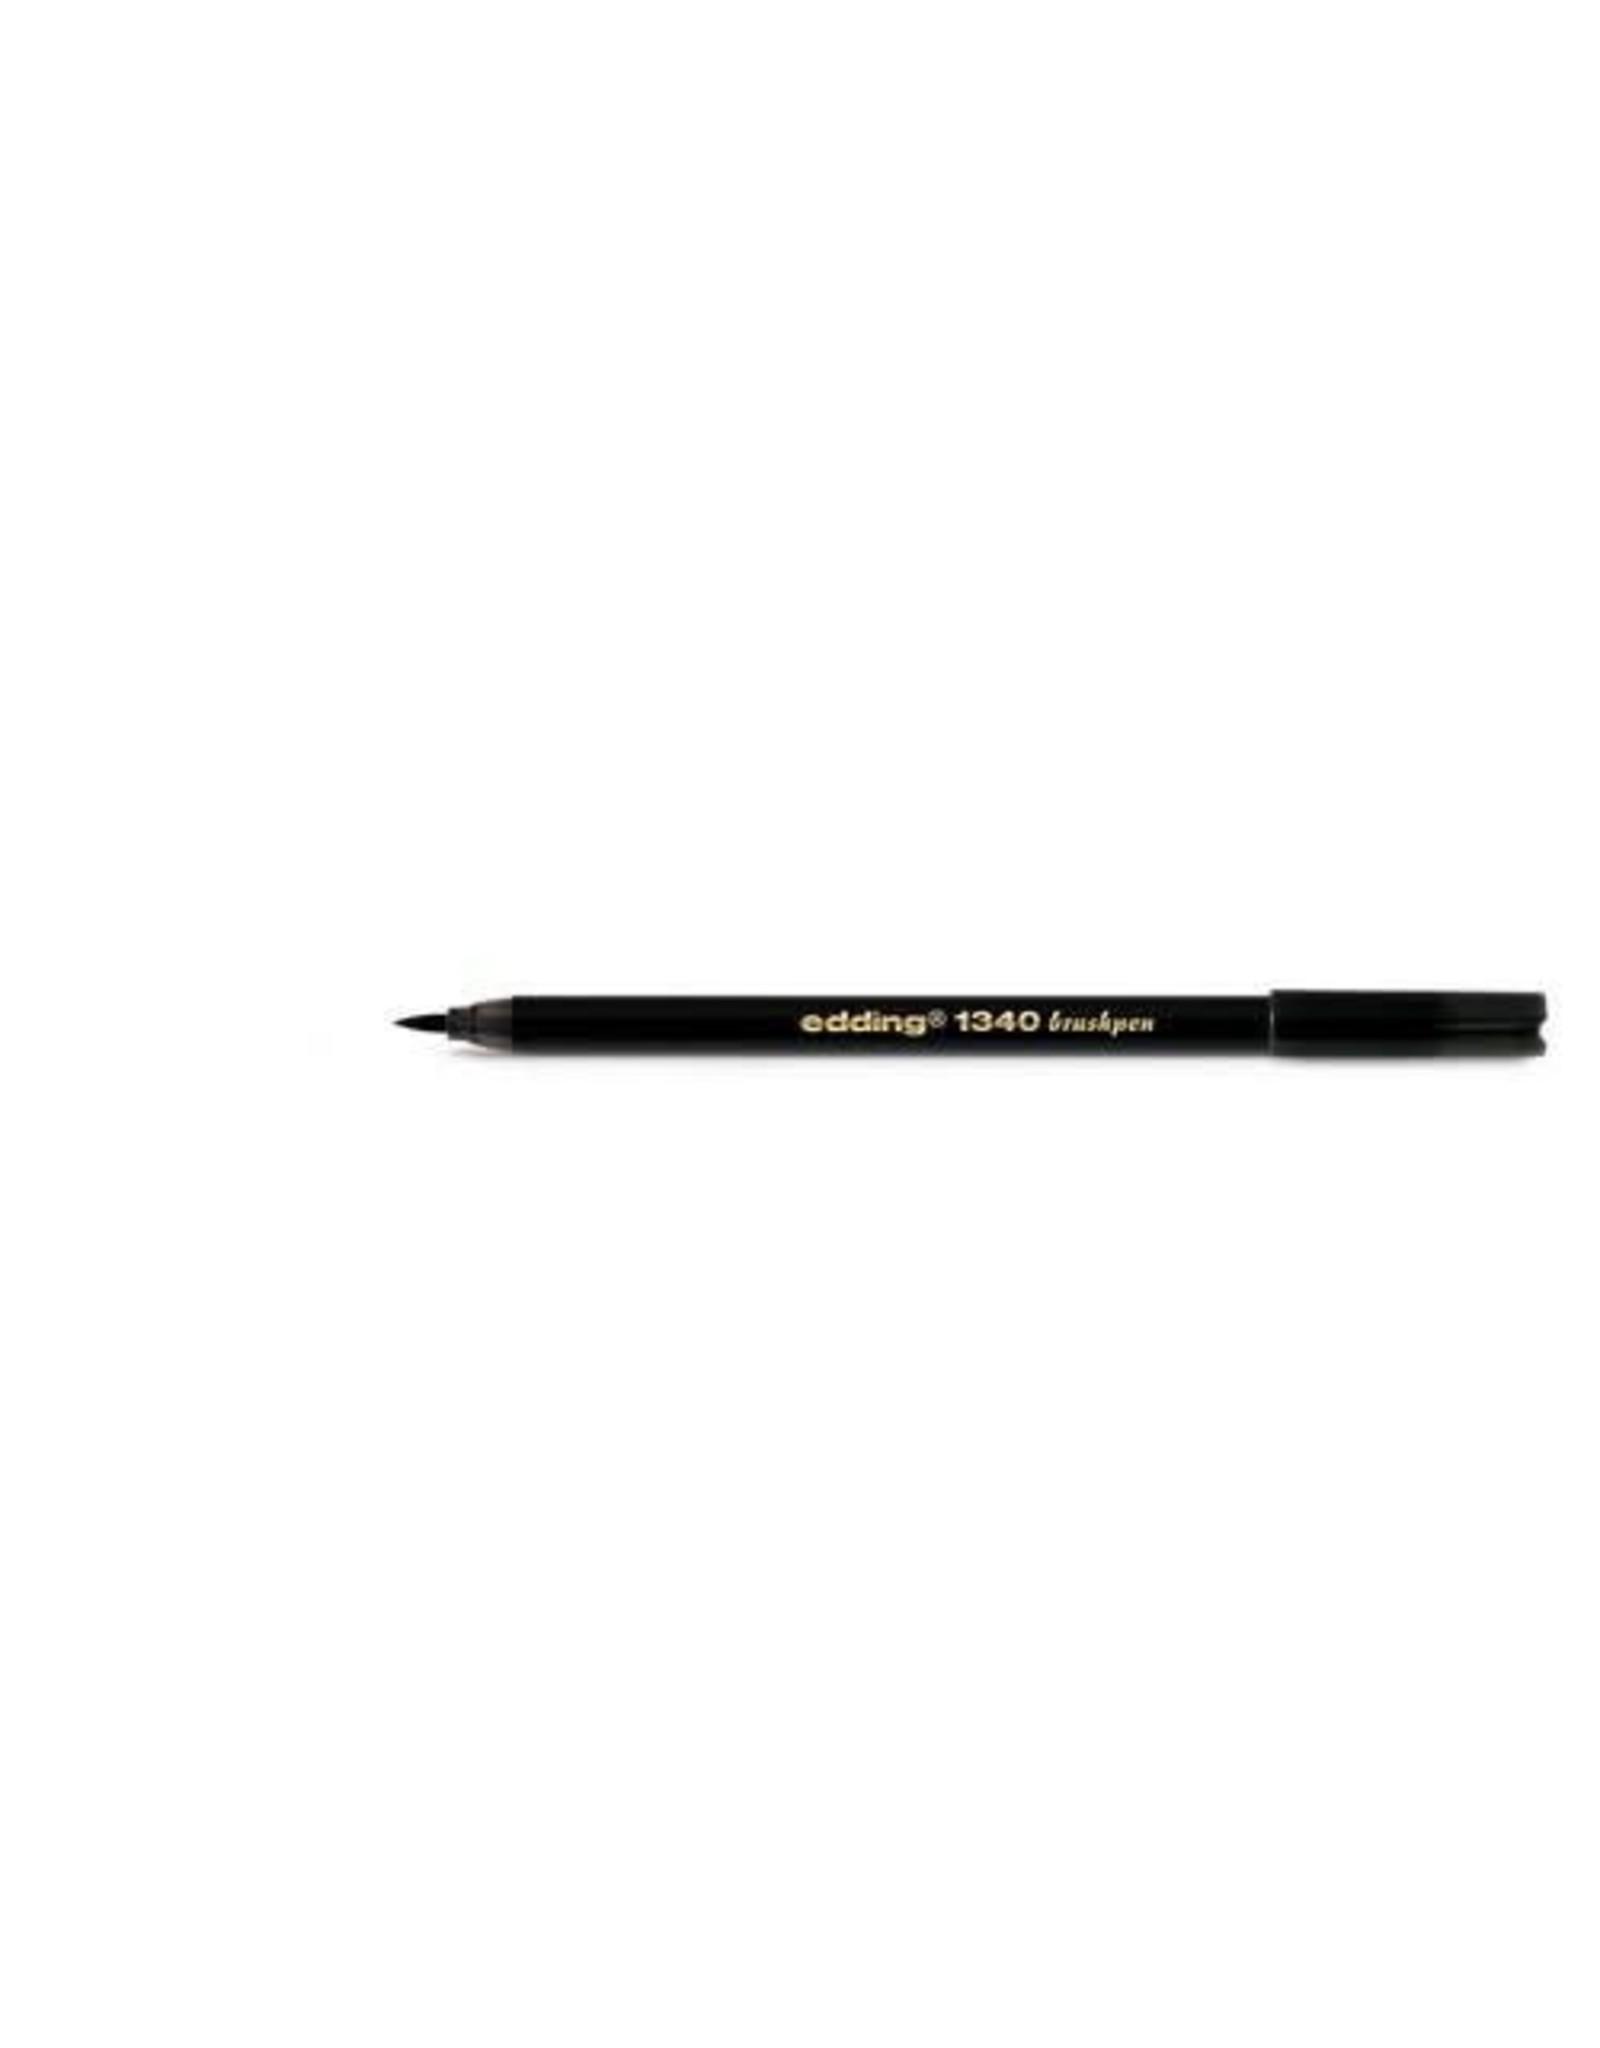 Edding edding-1340 brushpen zwart 1ST